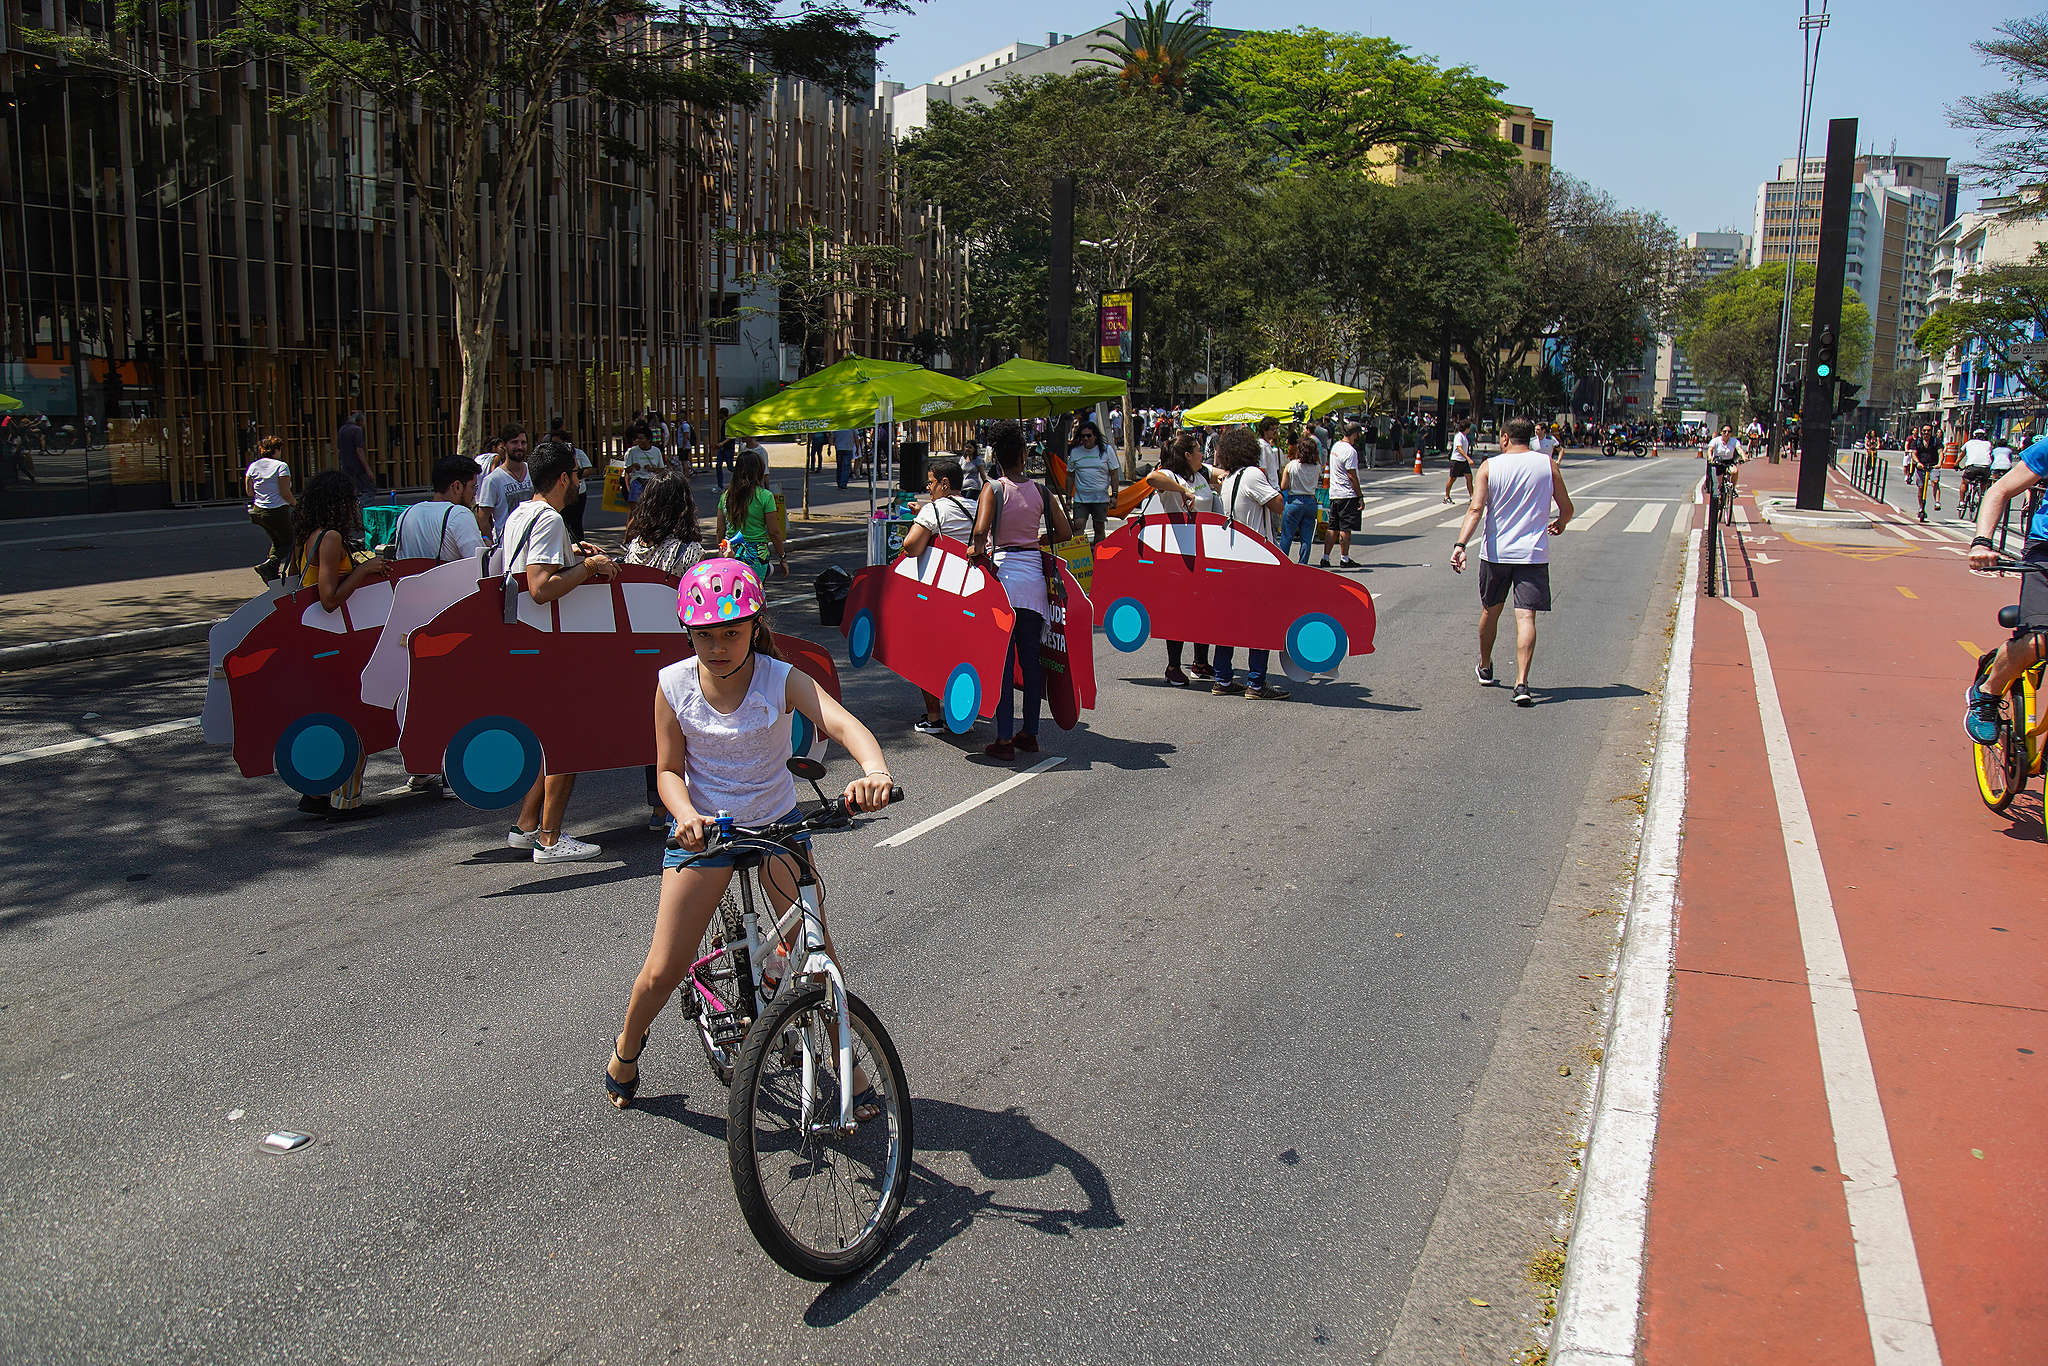 """No primeiro plano, pessoas vestidas de carros promovem um pequeno """"congestionamento"""" e impedem a passagem de pedestres pela Avenida Paulista; com perspectiva da avenida em dia de sol"""